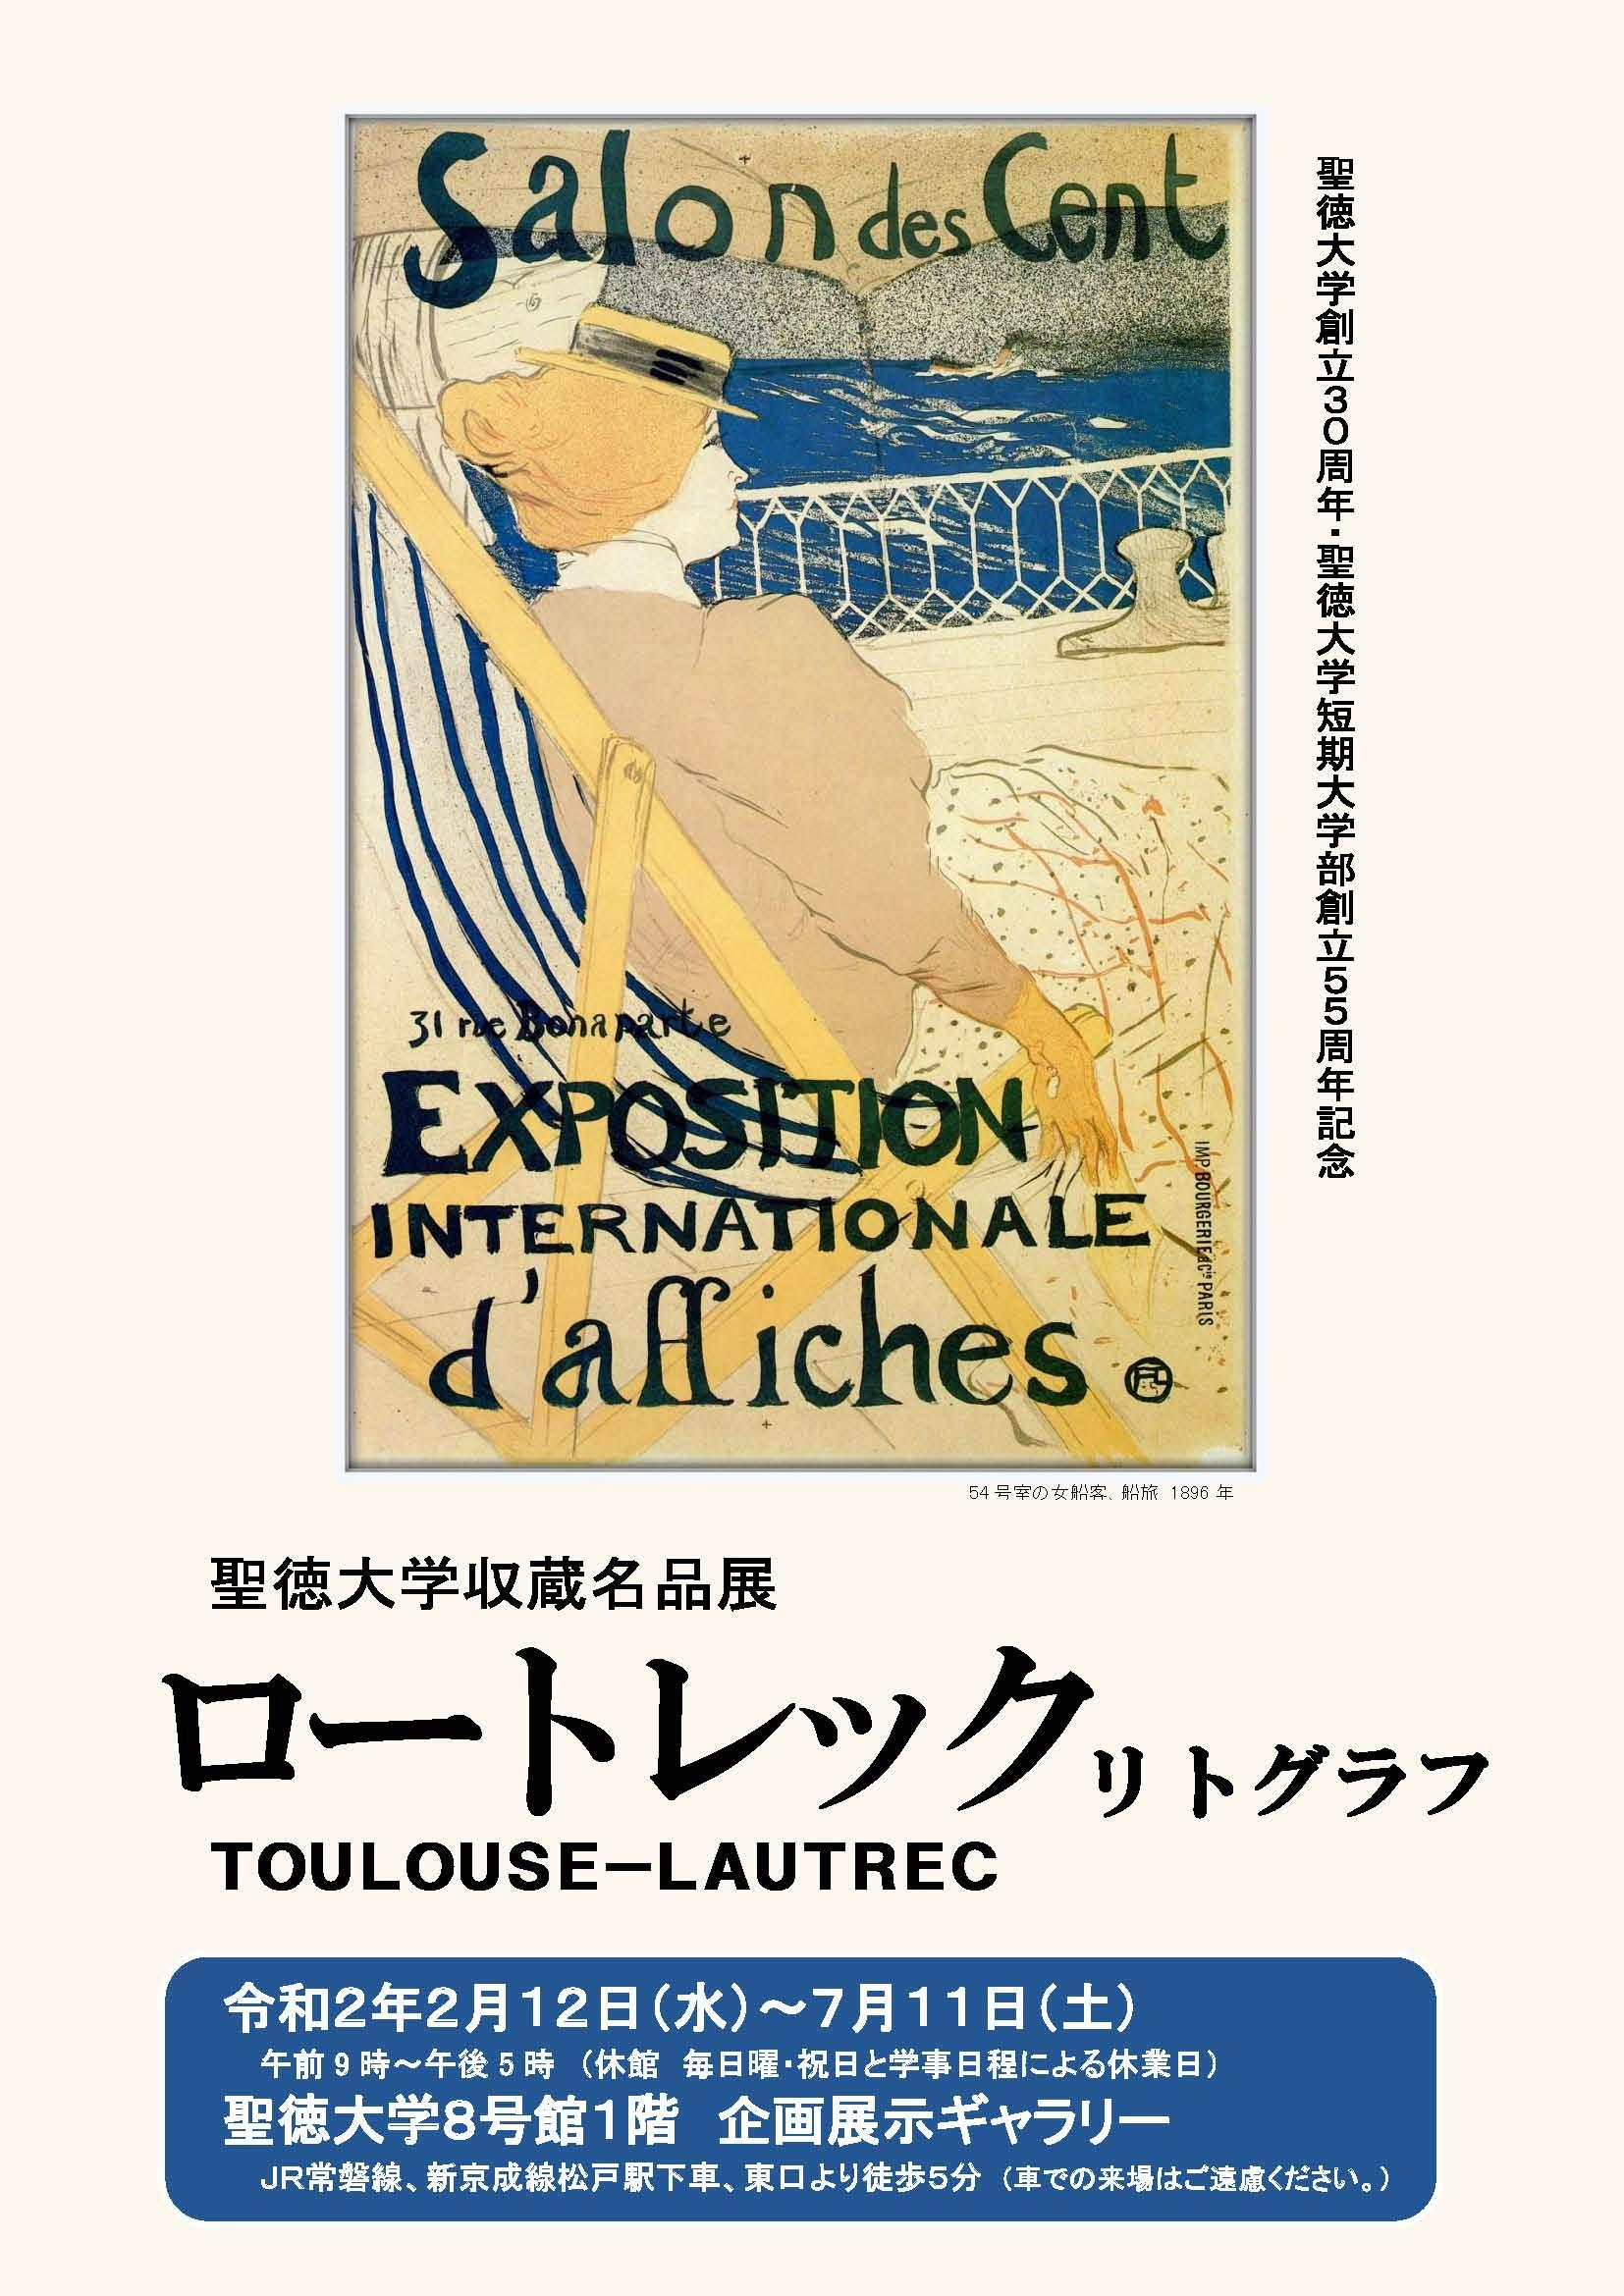 聖徳大学が7月11日まで収蔵名品展「ロートレック リトグラフ」を開催 -- フランス後期印象派の代表的画家ロートレックの石版画を一般公開